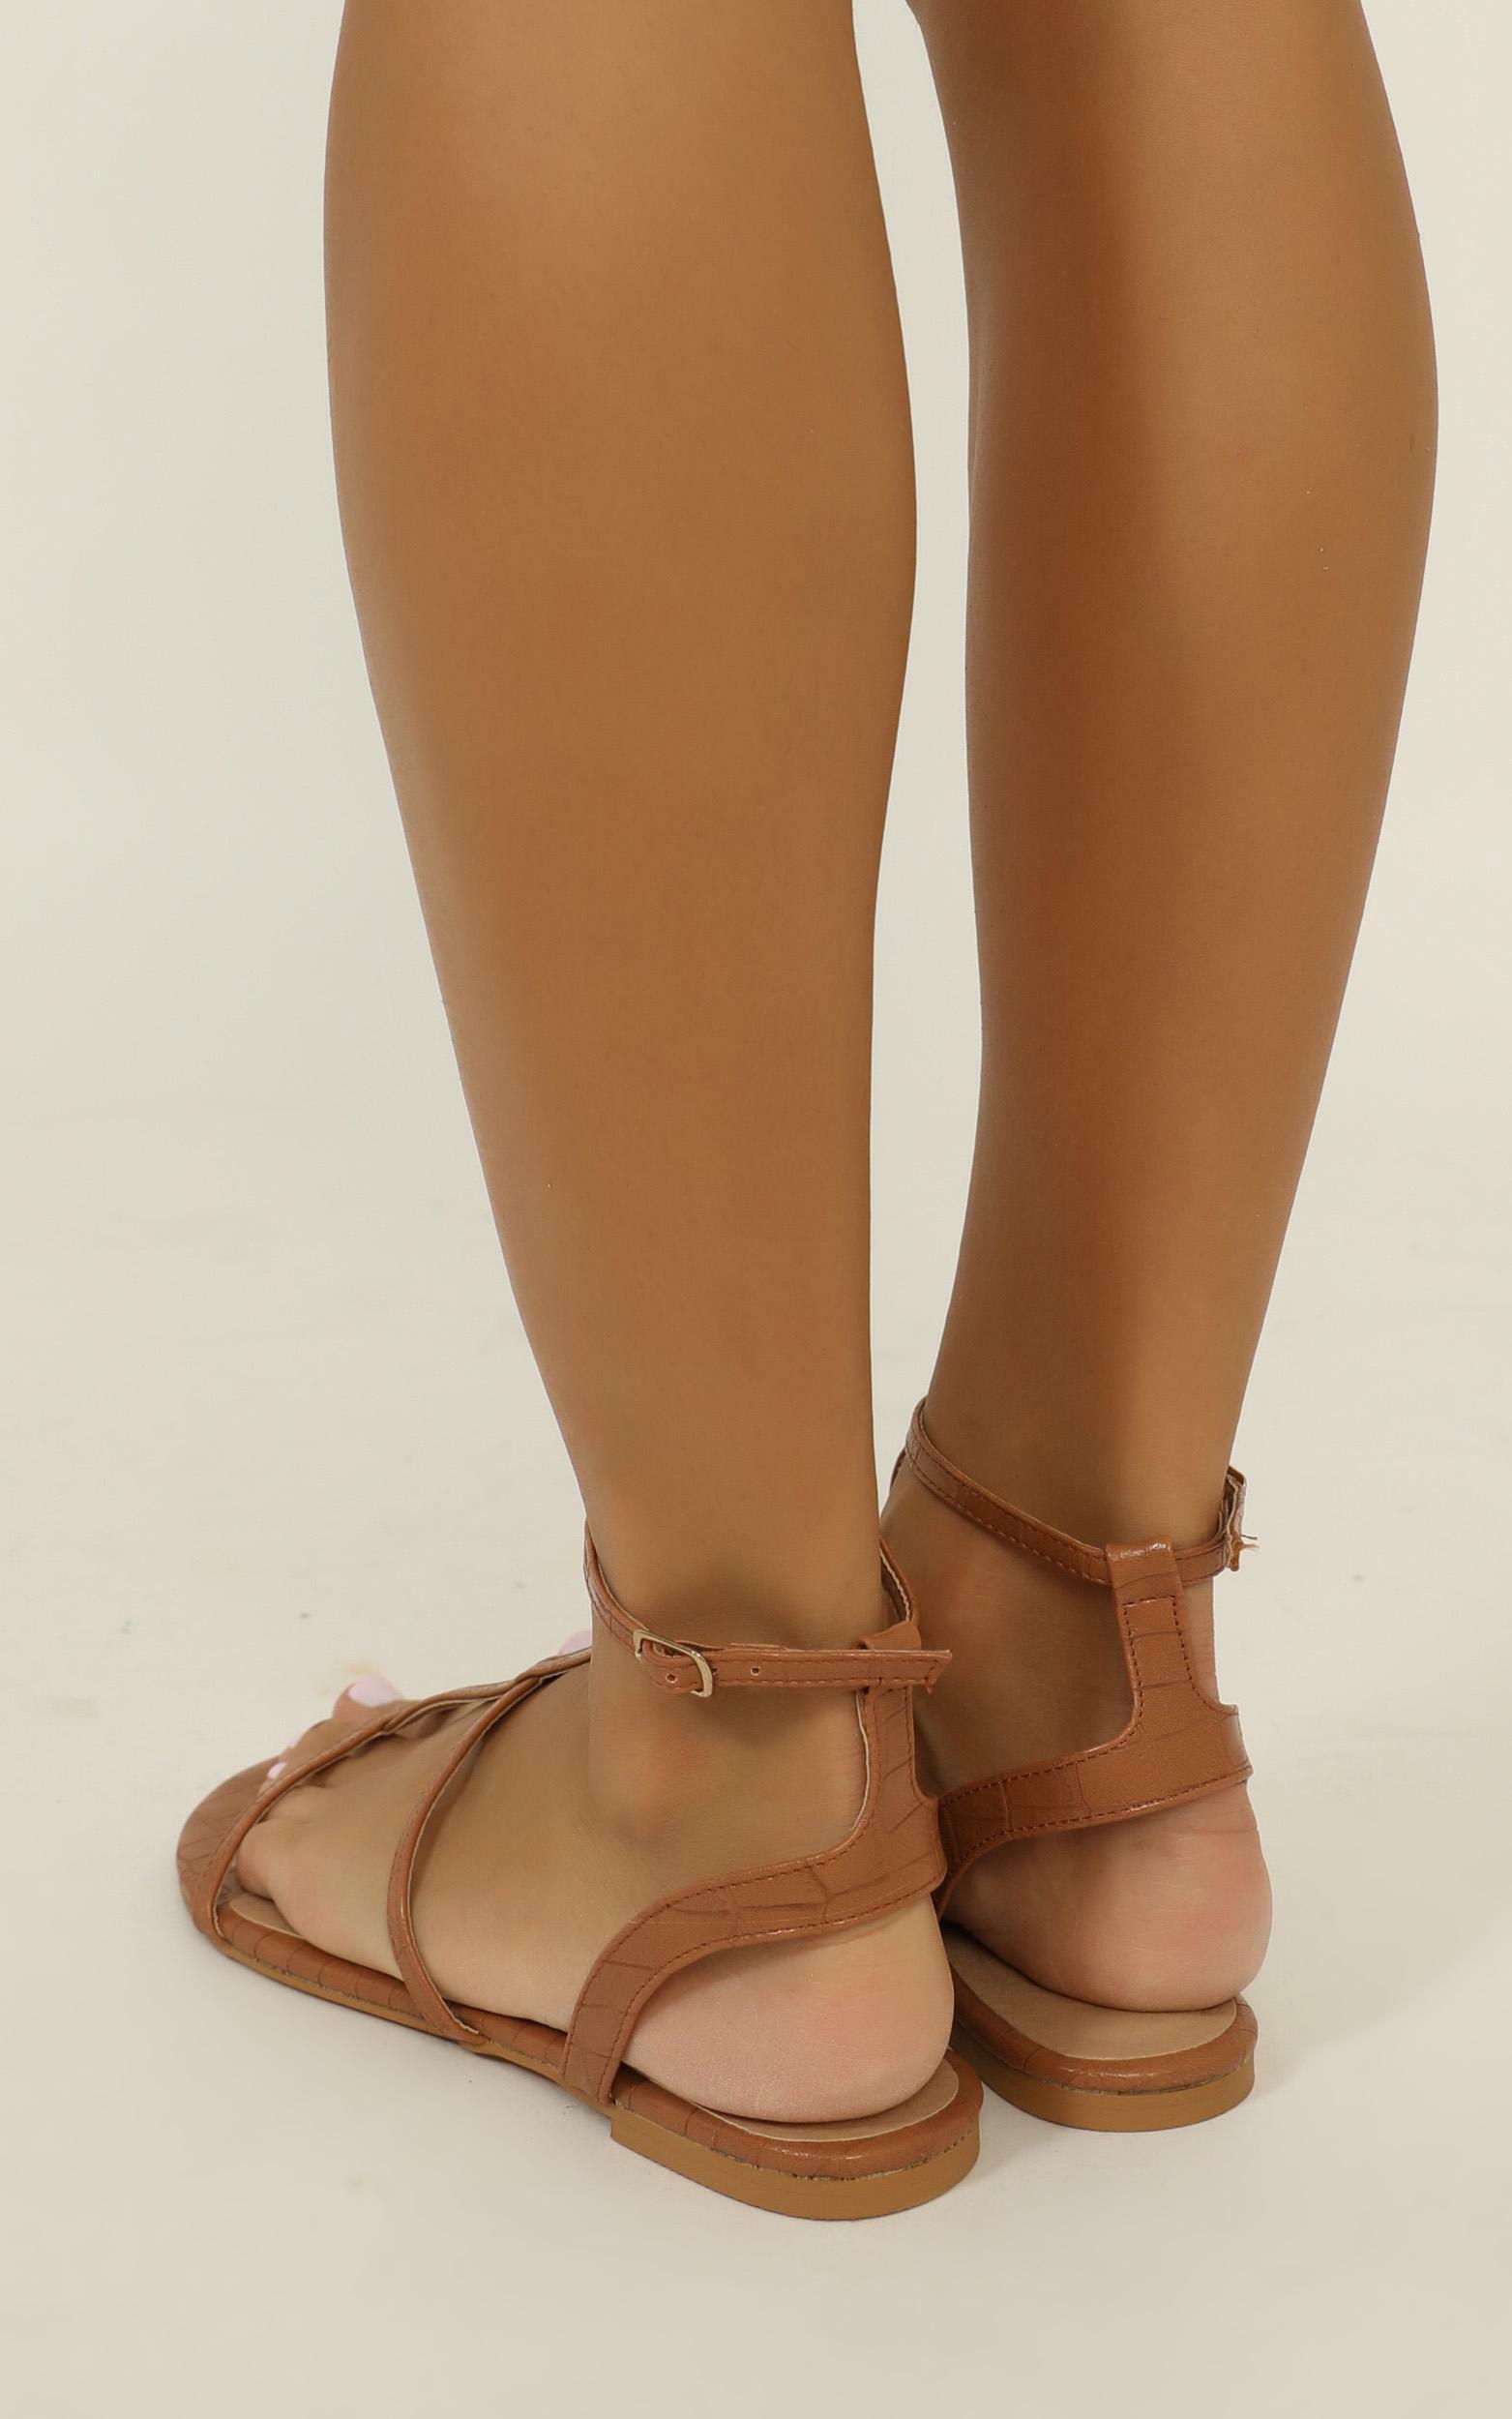 Billini - Dree Sandals in tan croc - 10, Tan, hi-res image number null